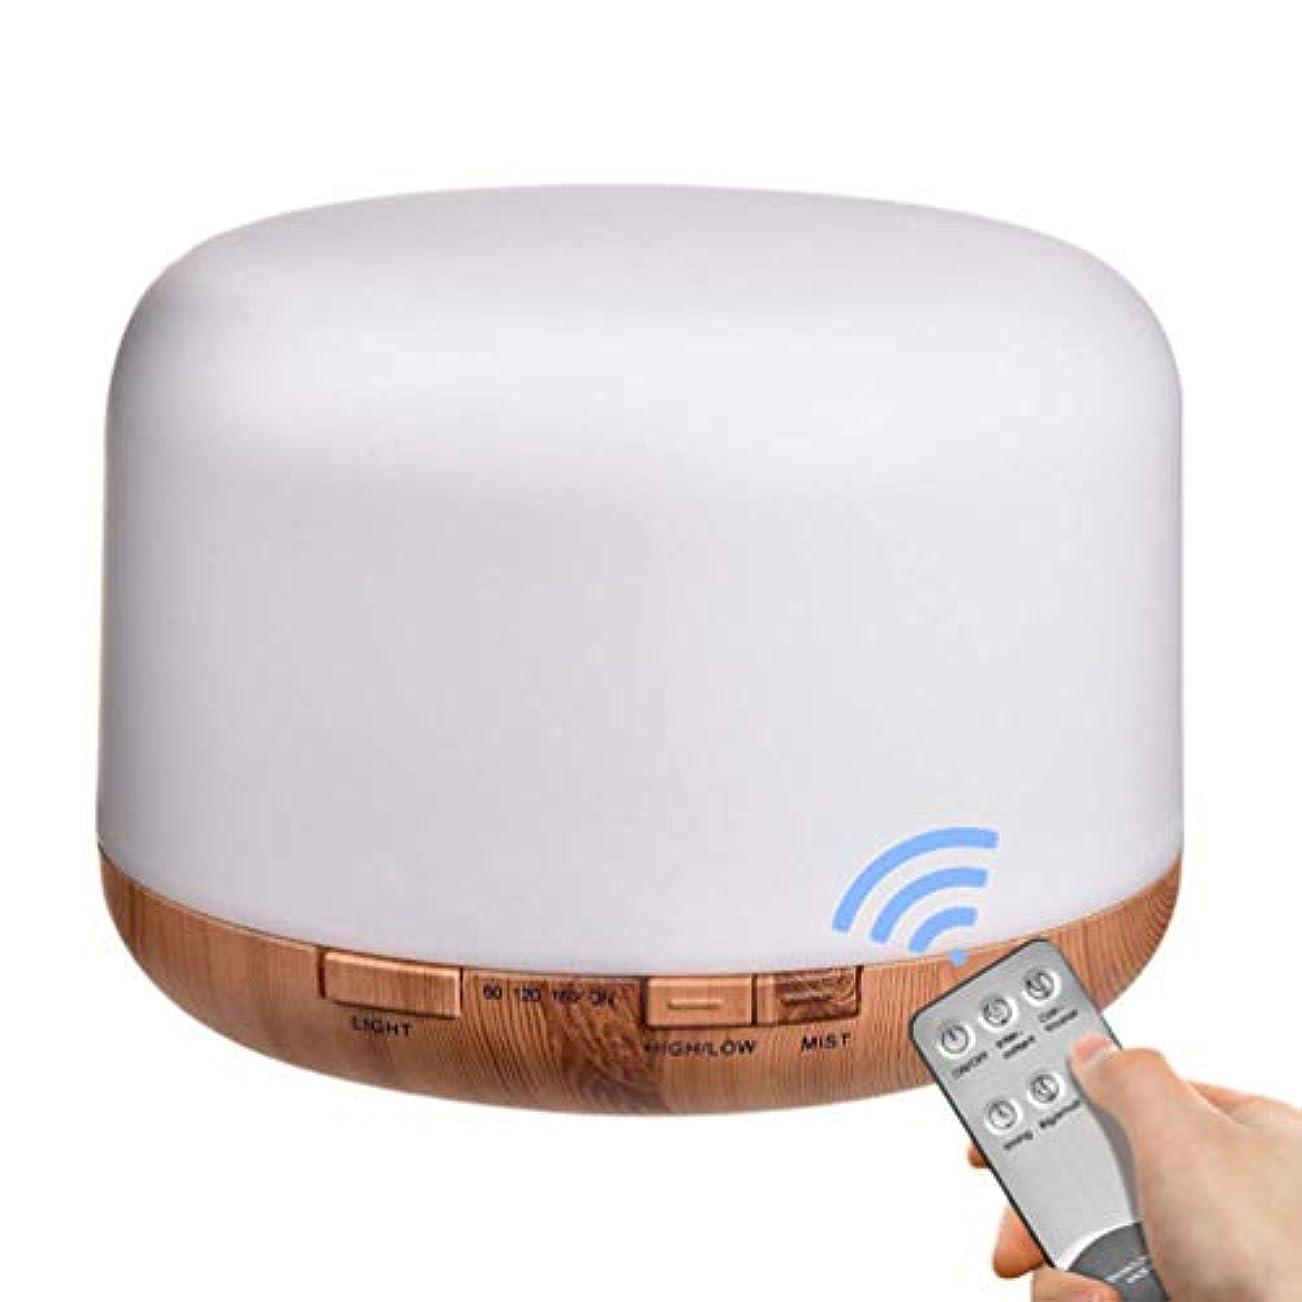 退院移住する起こりやすいSUPVOX 1000ml Humidifier Ultrasonic Household Remote Control Silence Aromatherapy Diffuser Essential Oil Diffuser for Office Bedroom Home (JP Plug)